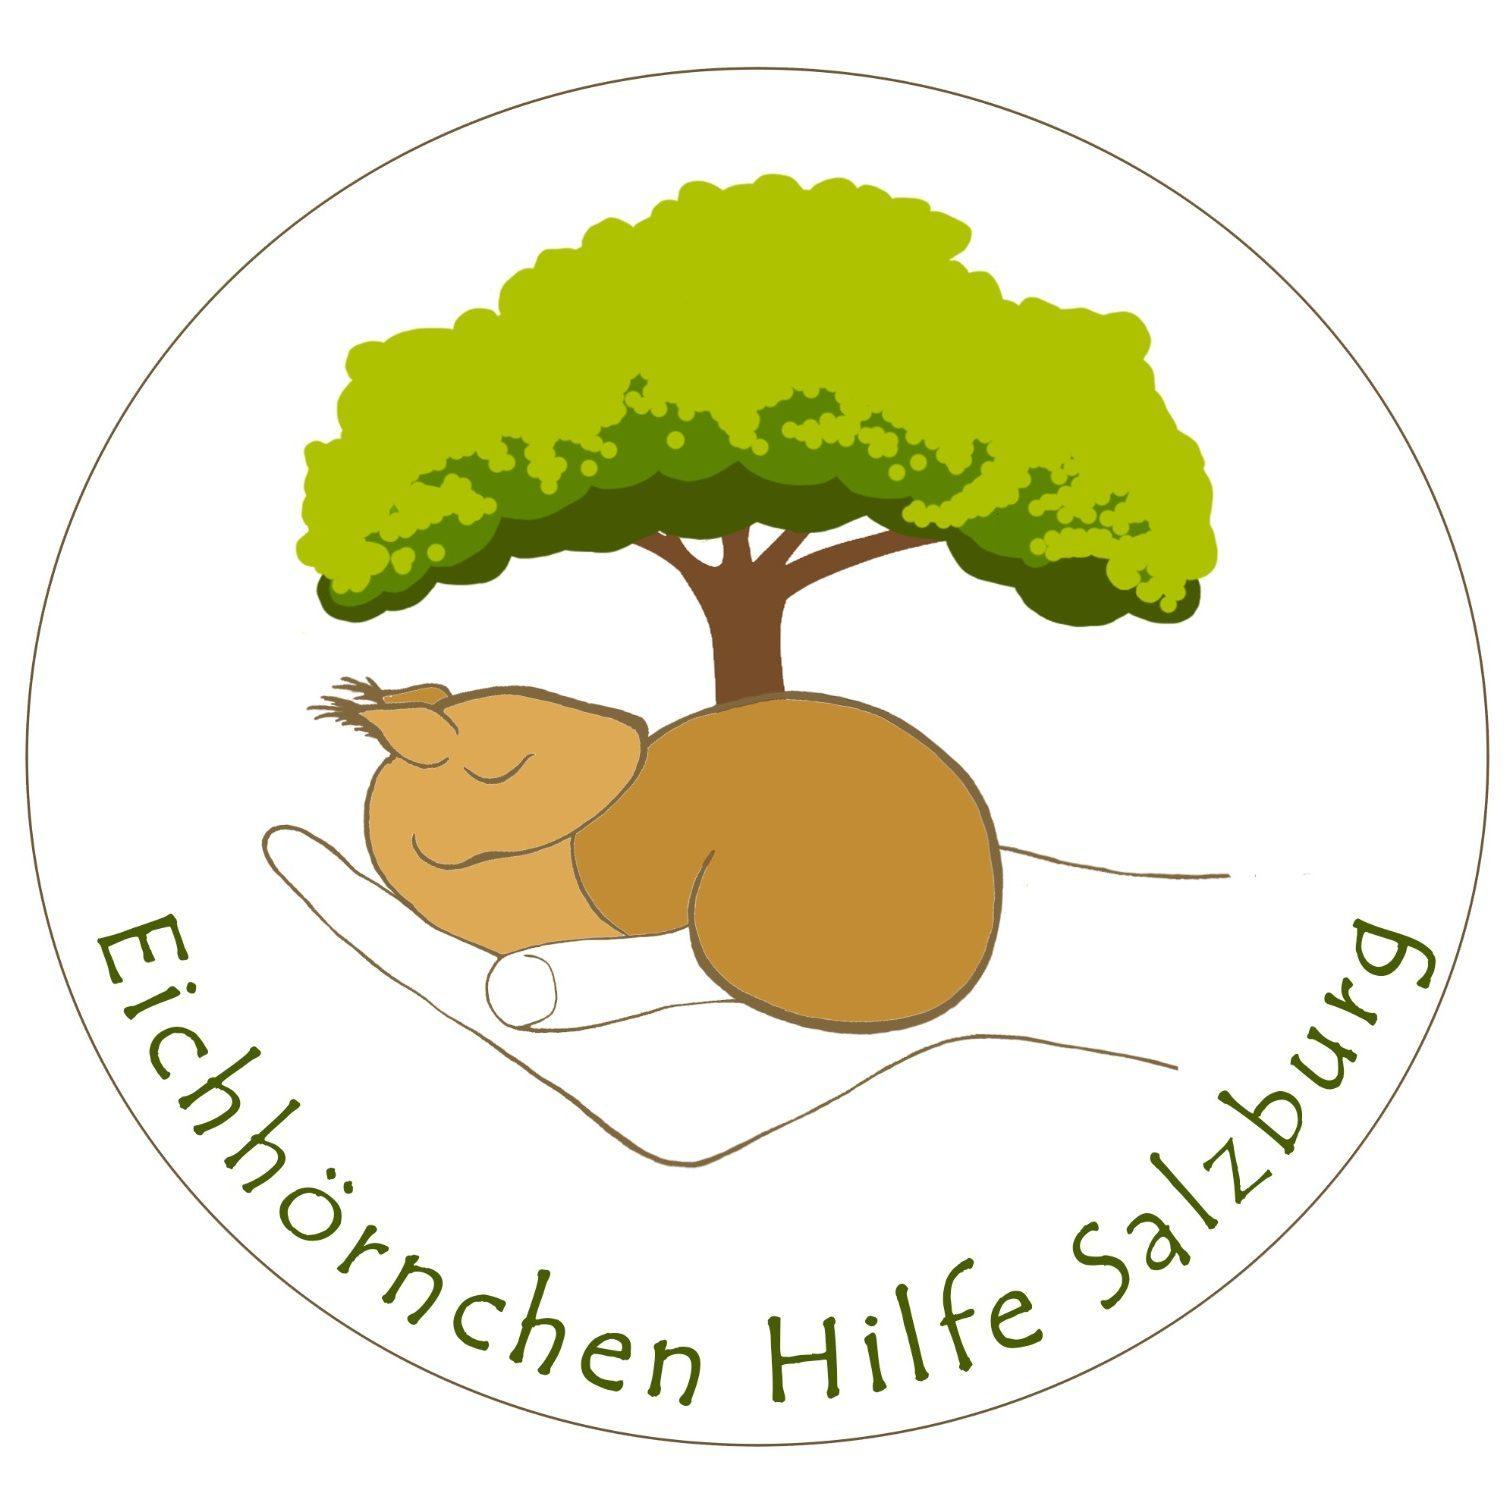 Eichhörnchenhilfe Salzburg